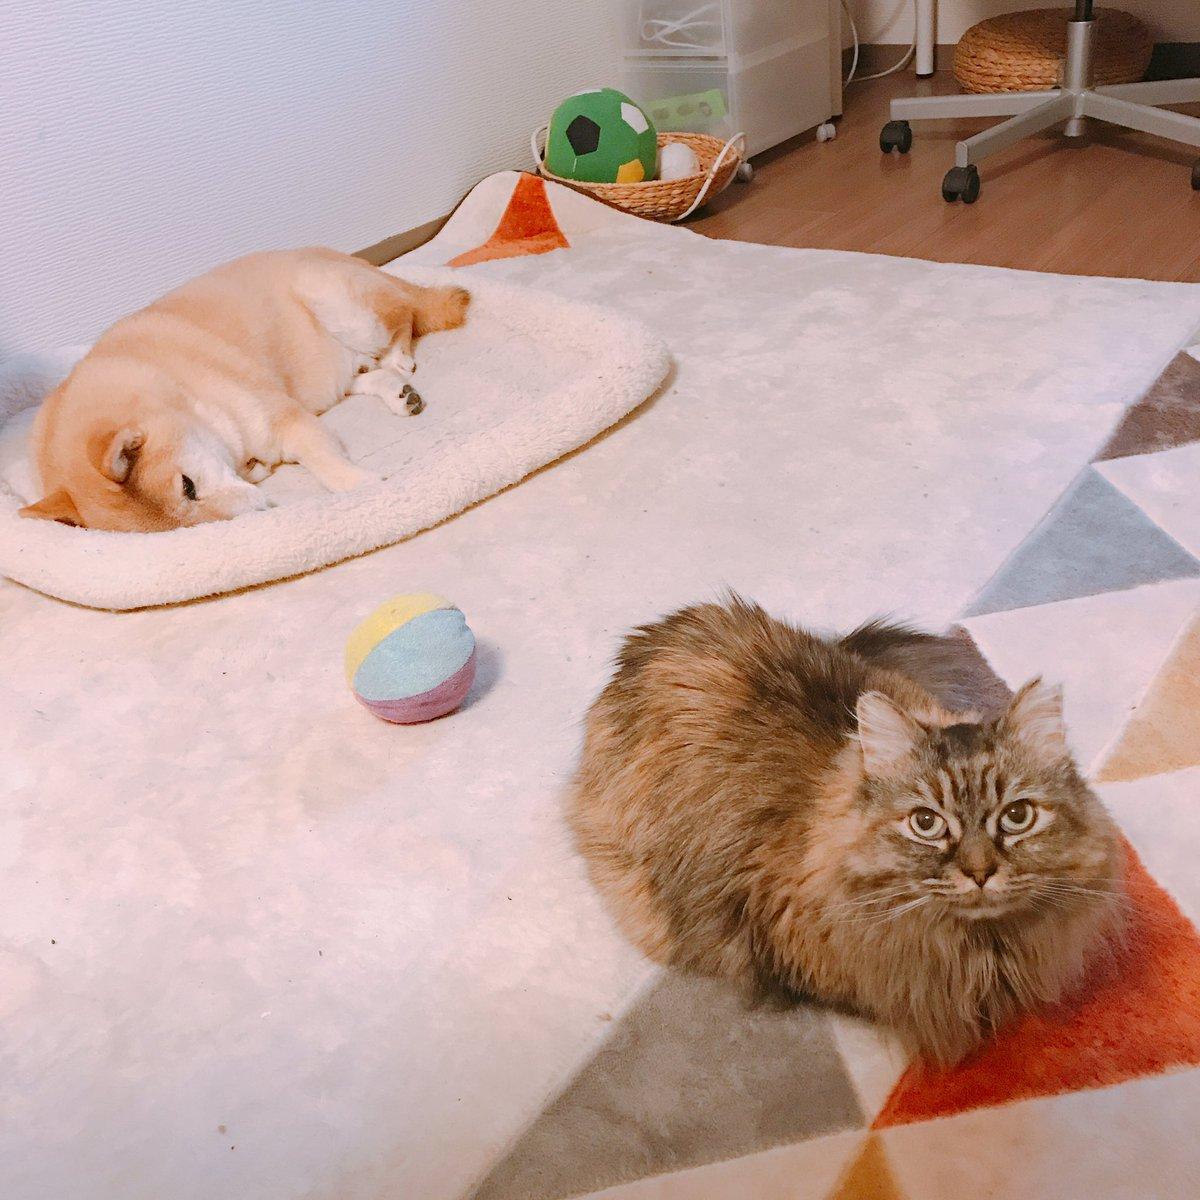 はじめは猫が横取りしているとおもってたけど どうやらかわりばんこでベッドをつかっているらしい https://t.co/kEMFpZ3o8X